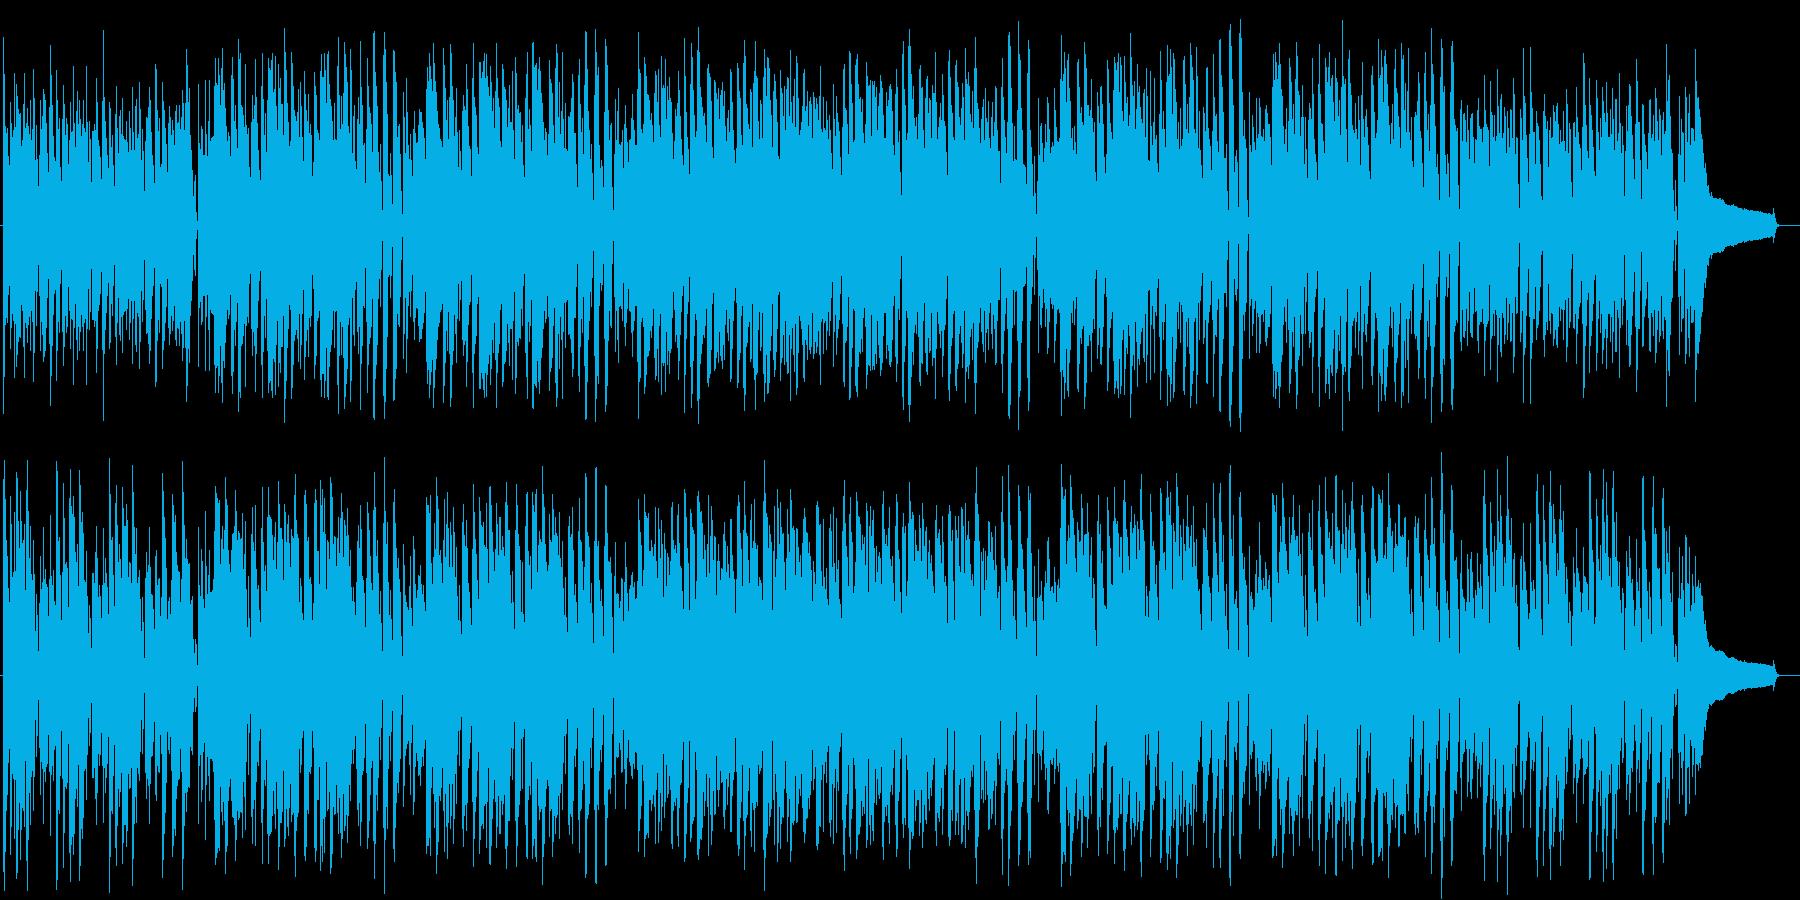 楽しい南国リゾート風トロピカルBGM♪の再生済みの波形